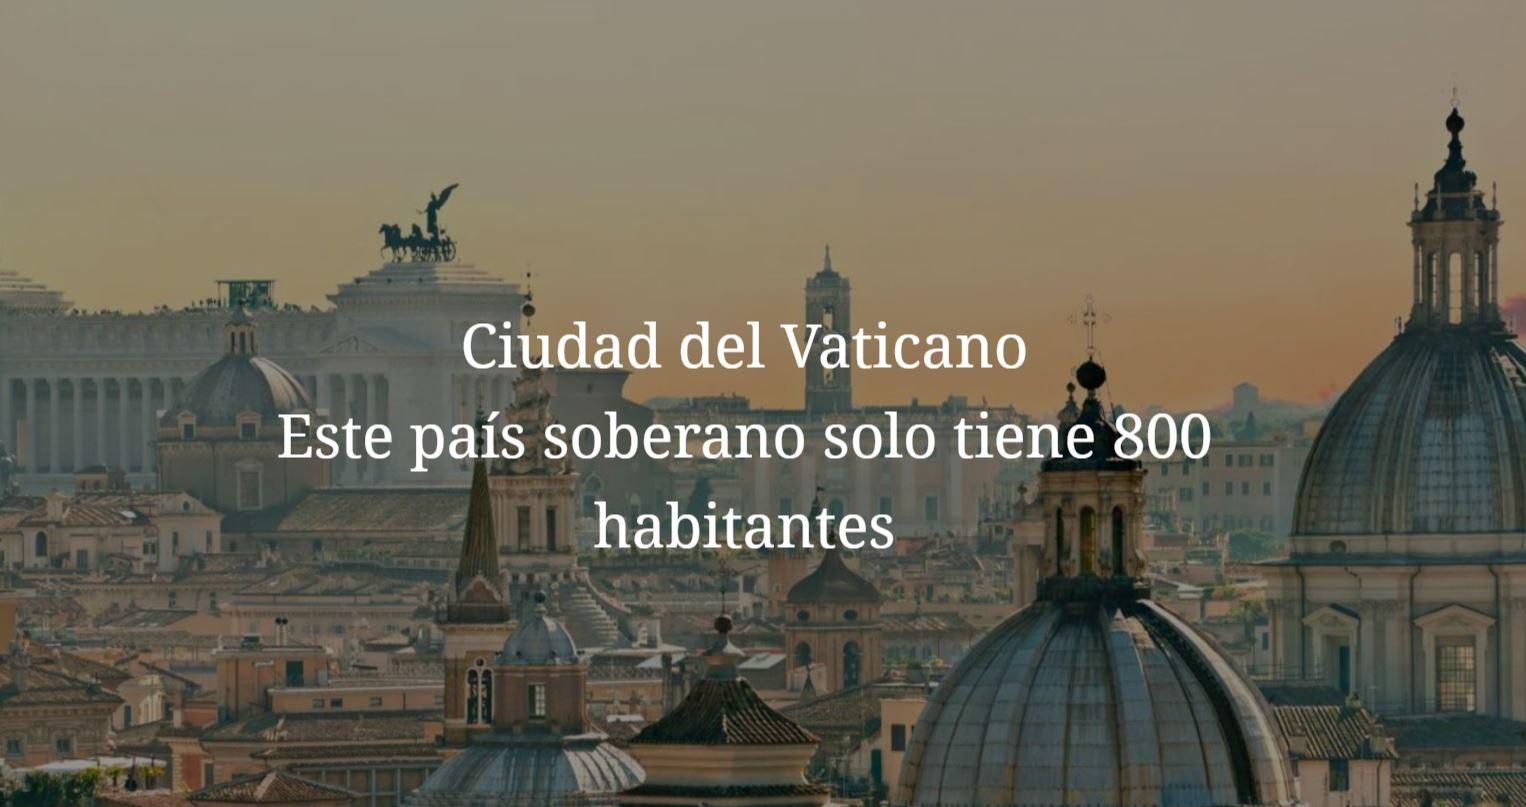 Ciudad del Vaticano, el pais menos poblado del mundo, el pais mas pequeño del mundo, el pais mas rico per capita del mundo, el pais con menor natalidad del mundo